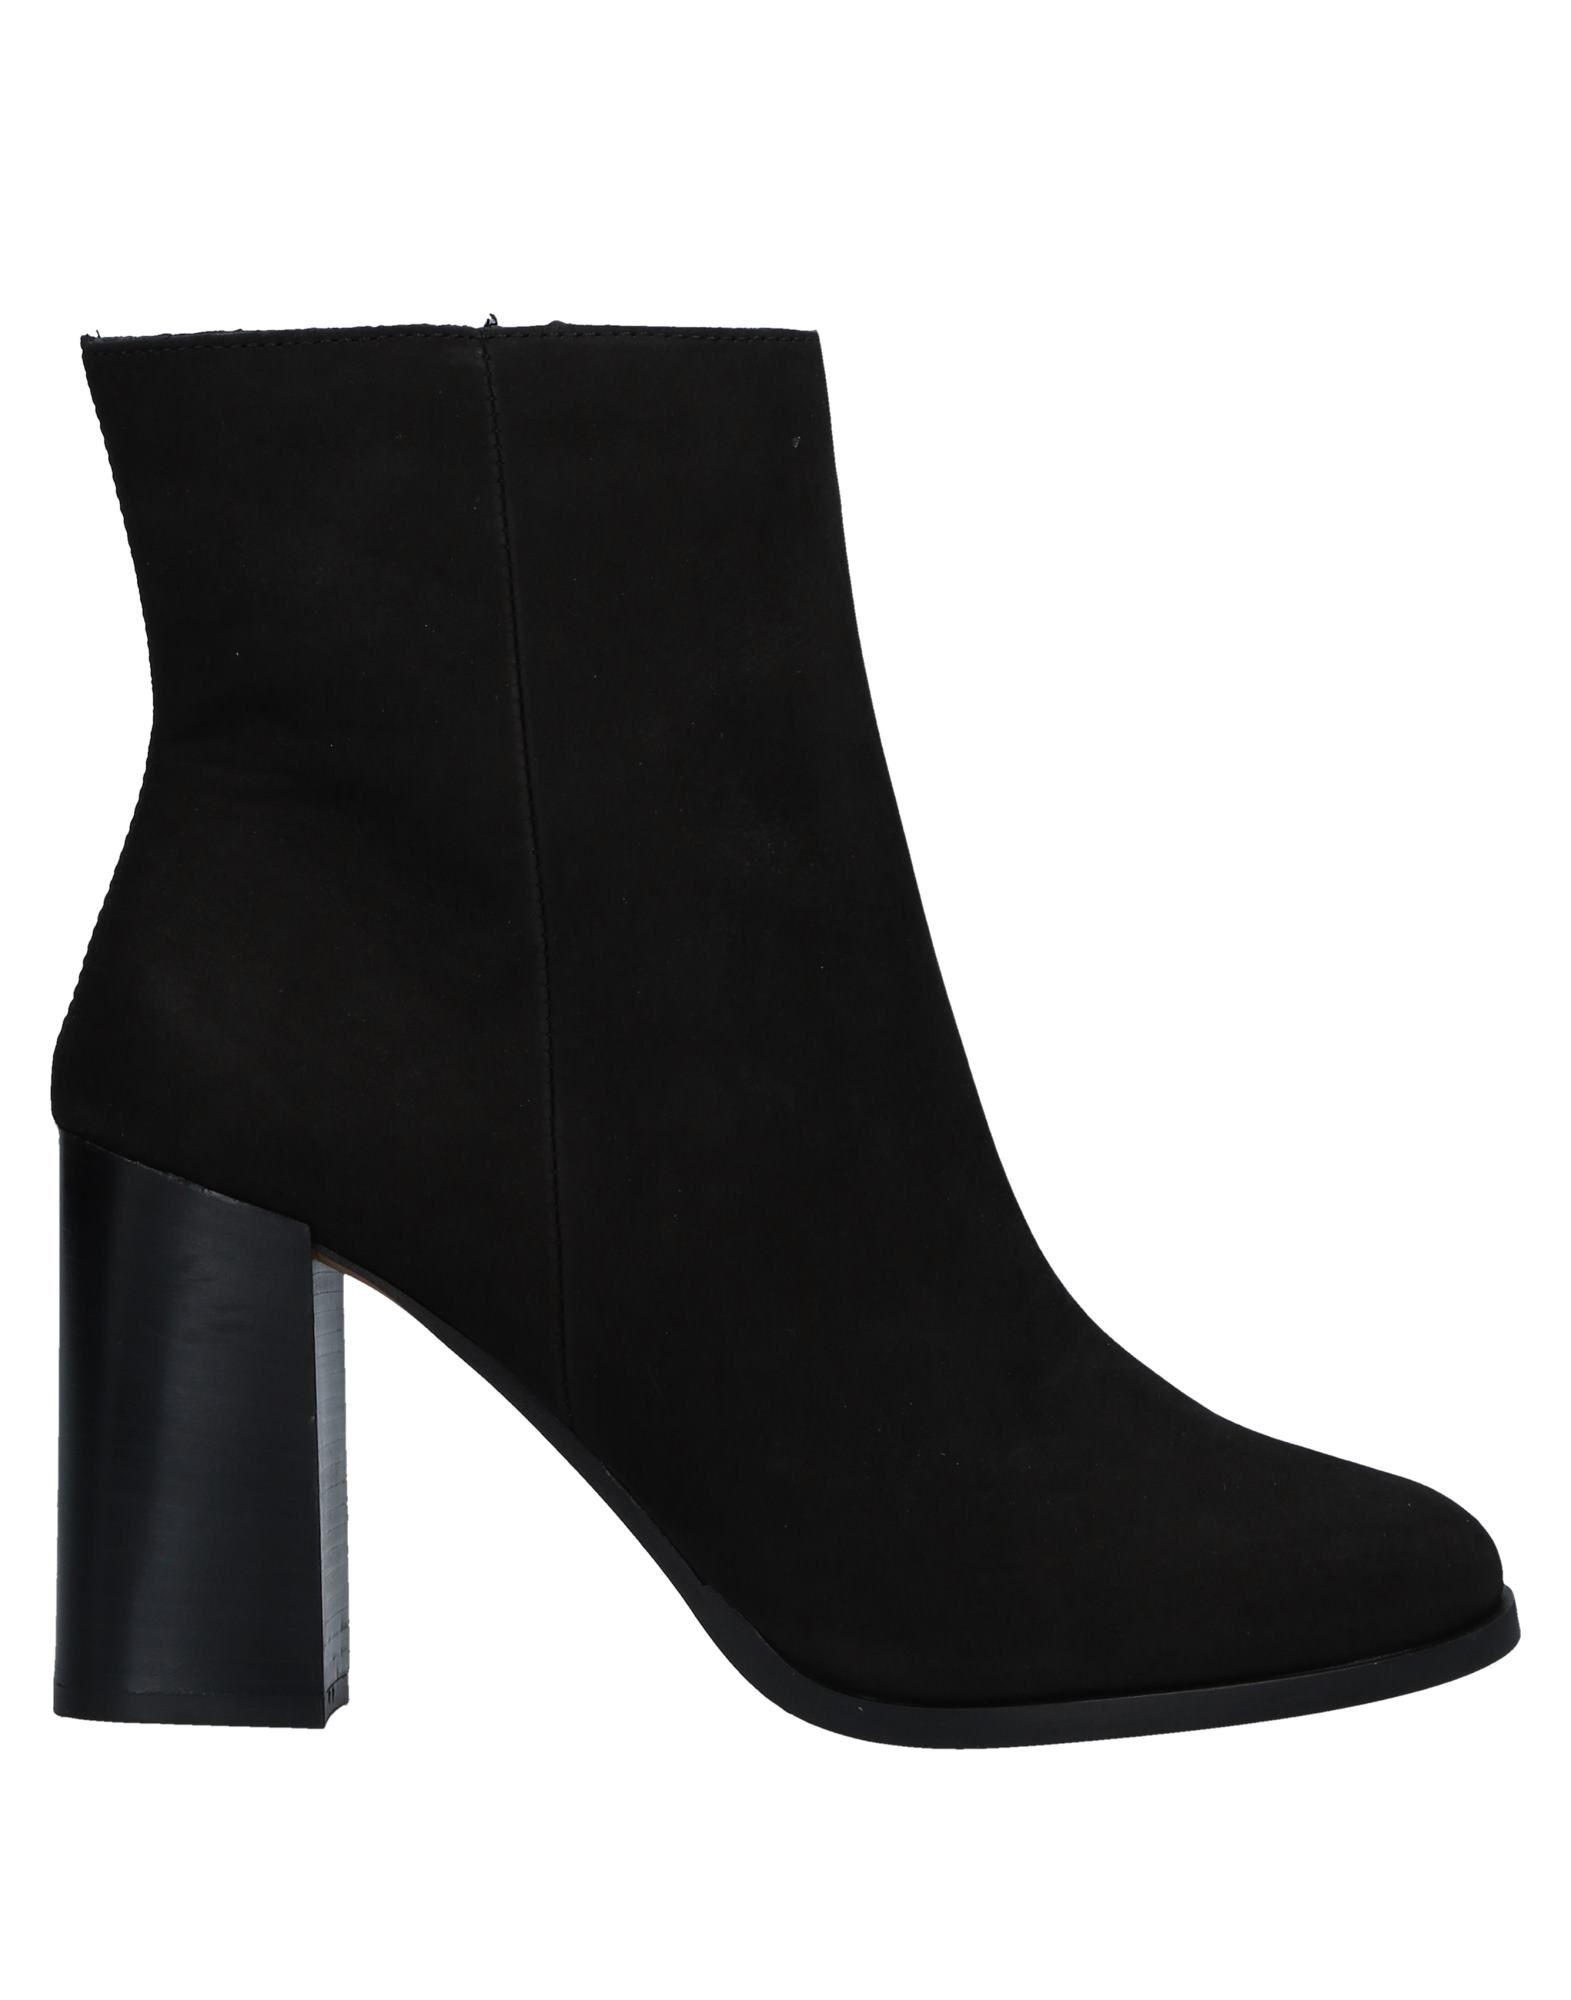 Gusto Stiefelette Damen  11520358KL Gute Qualität beliebte Schuhe